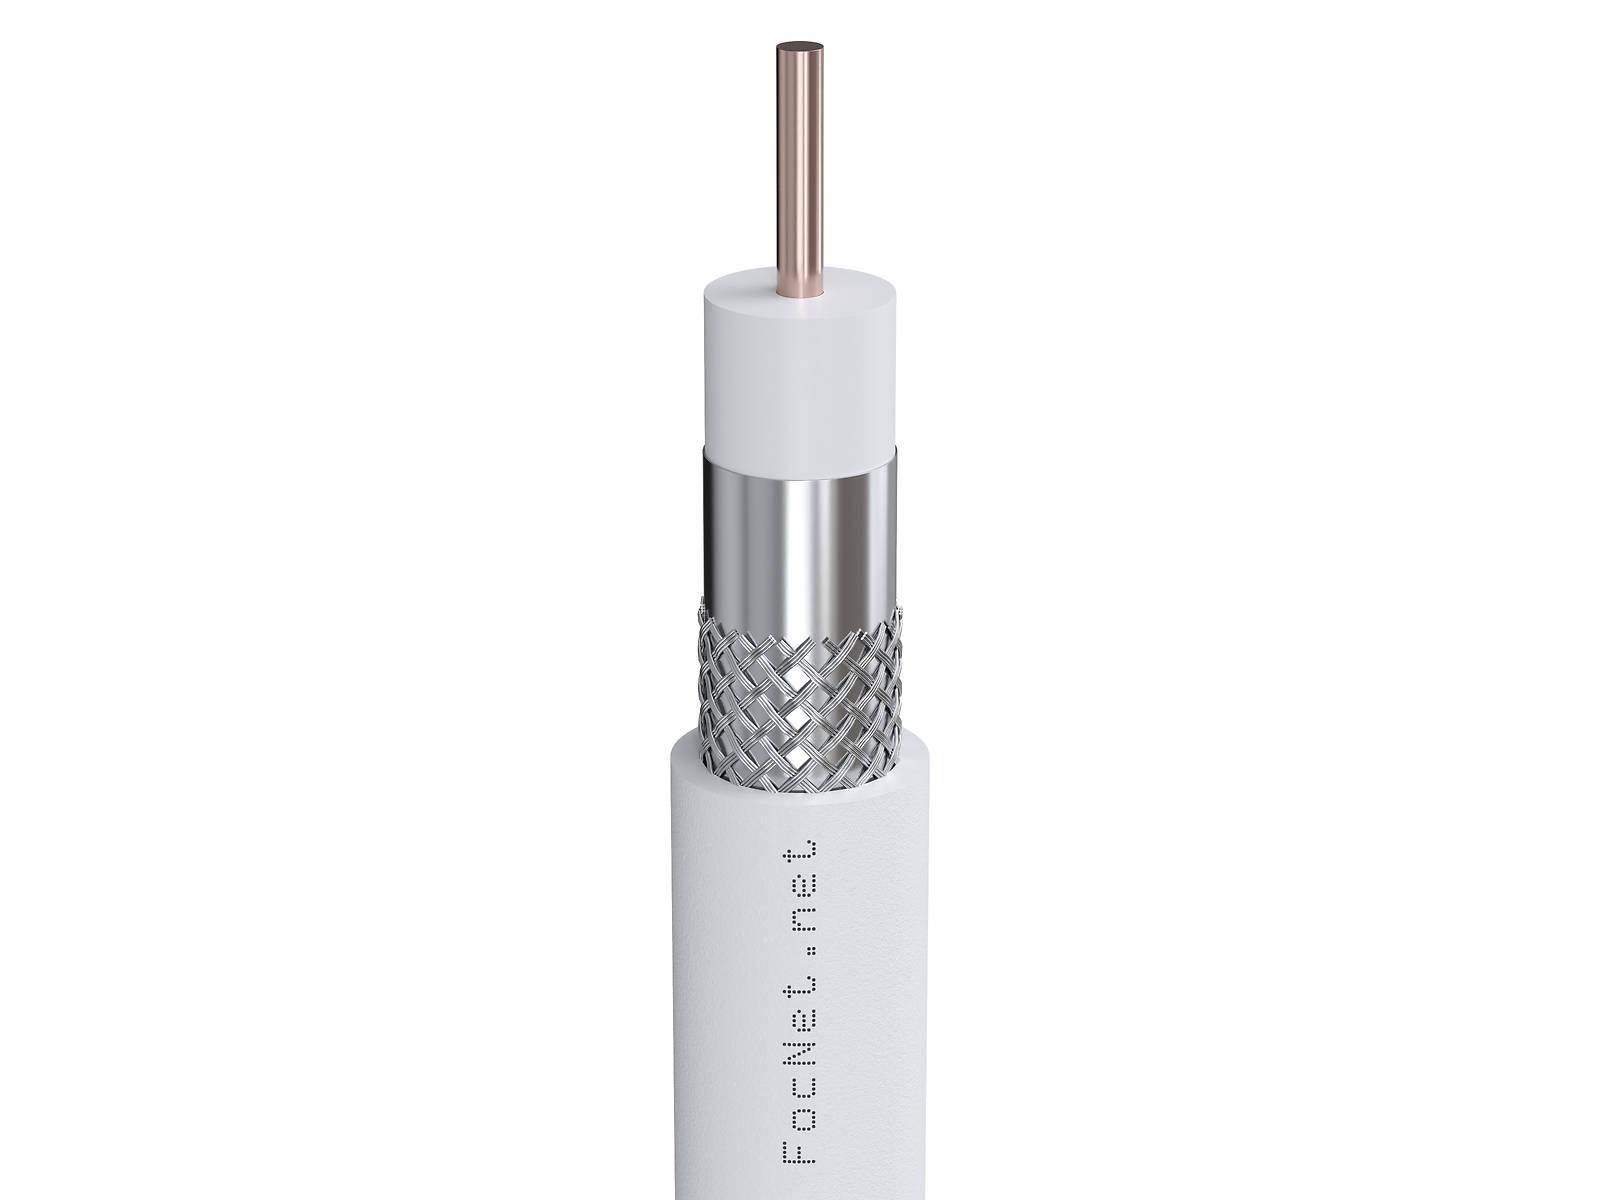 Кабель коаксиальный RG-59U IT cable, 75 Ом, CU, белый (250м)